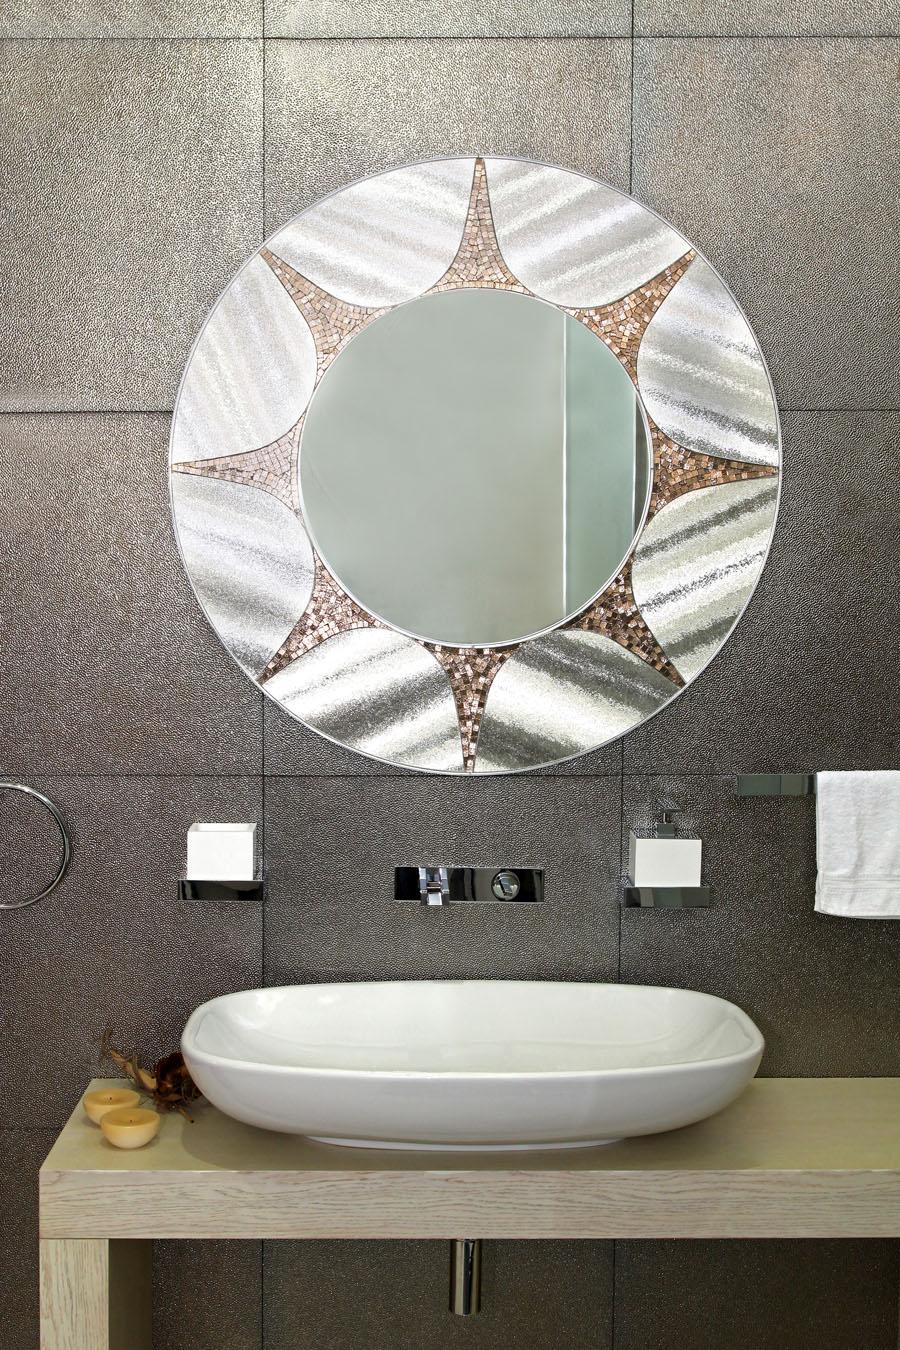 ogledalo u kupatilu